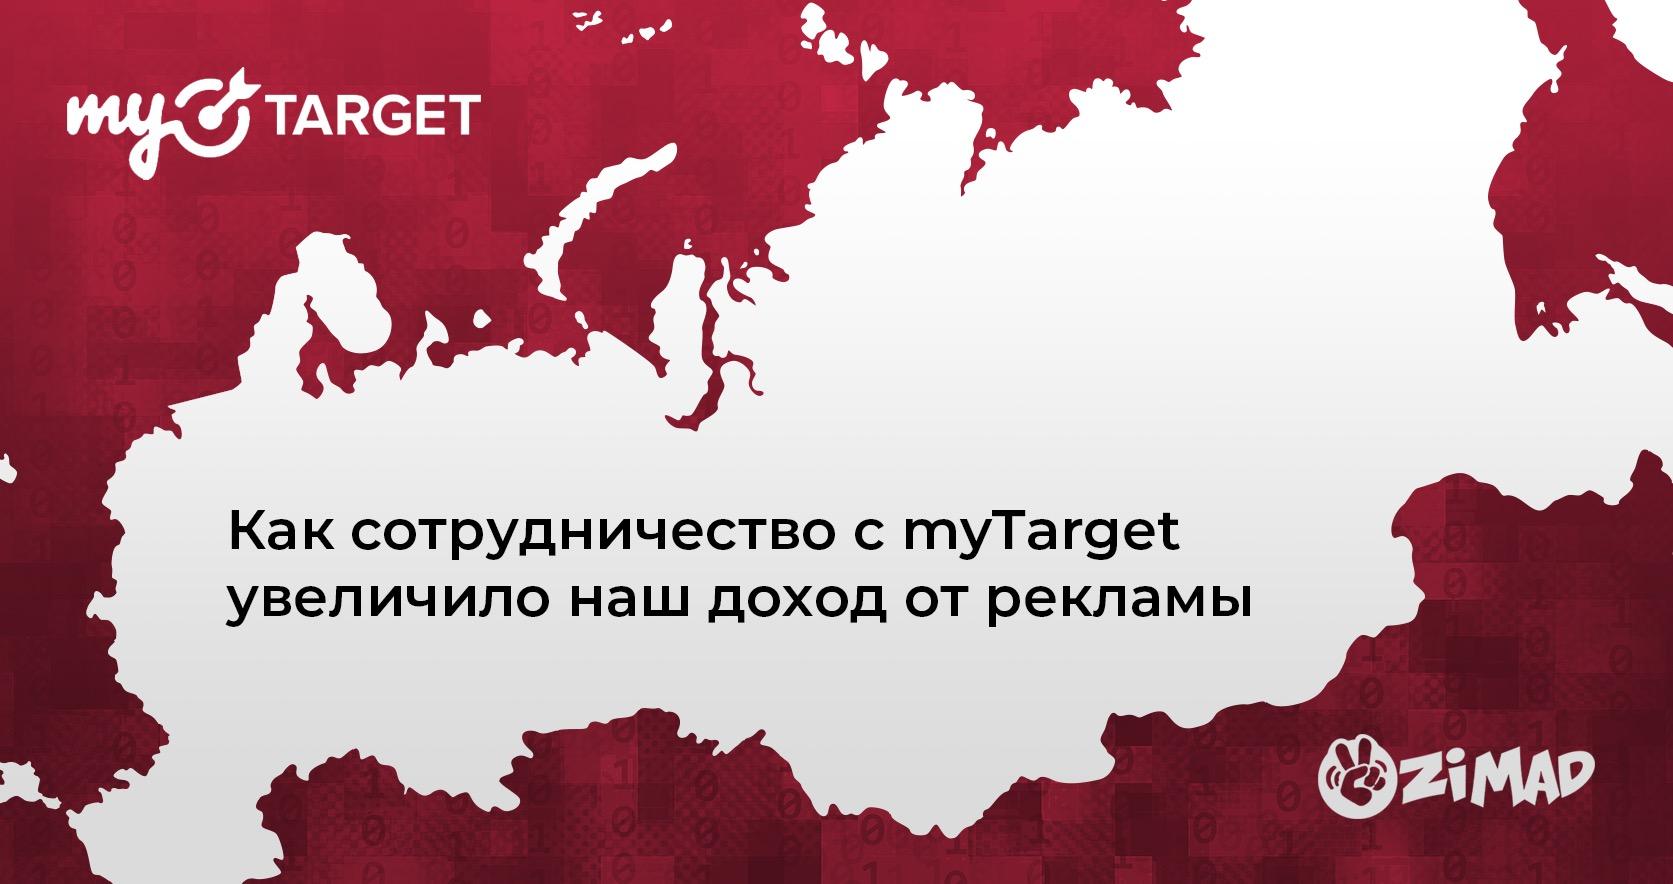 Обложка статьи с Россией на фоне